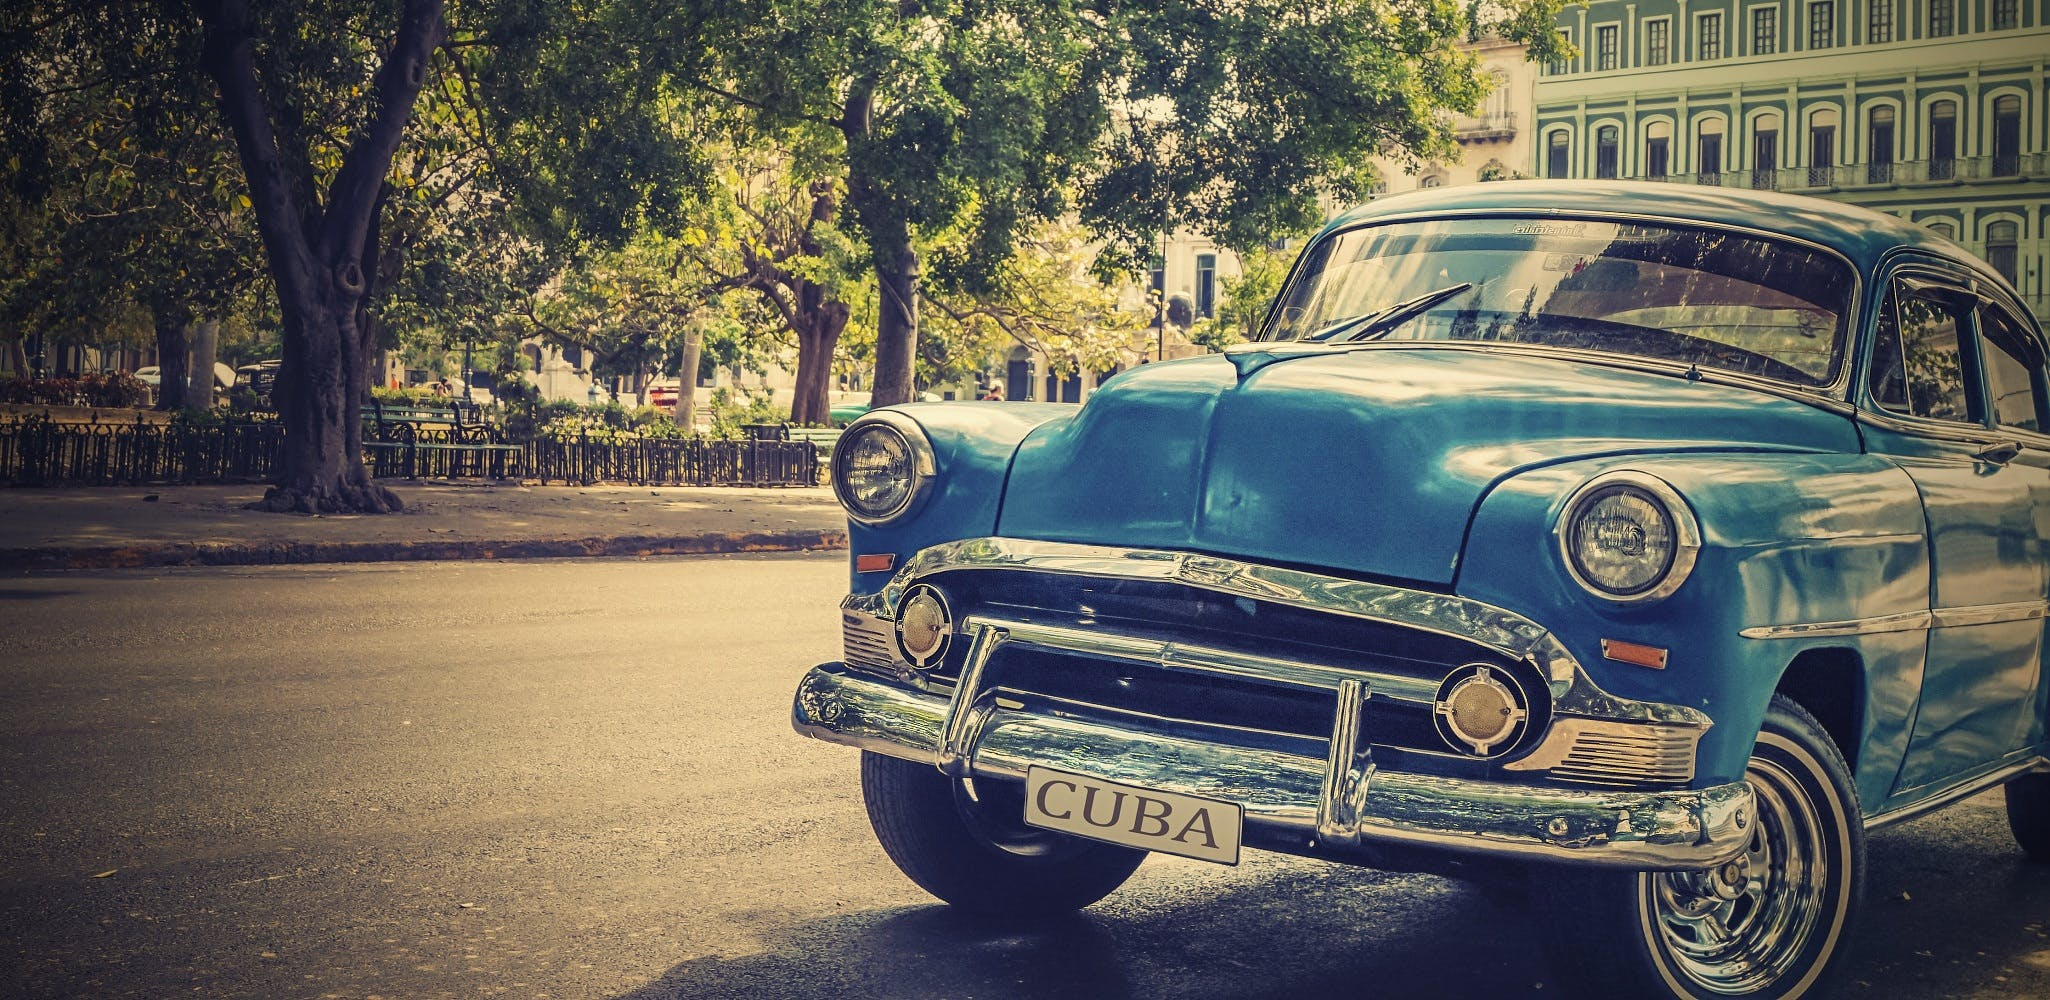 Foto d'estoc gratuïta de antic, automòbil, automoció, carrer